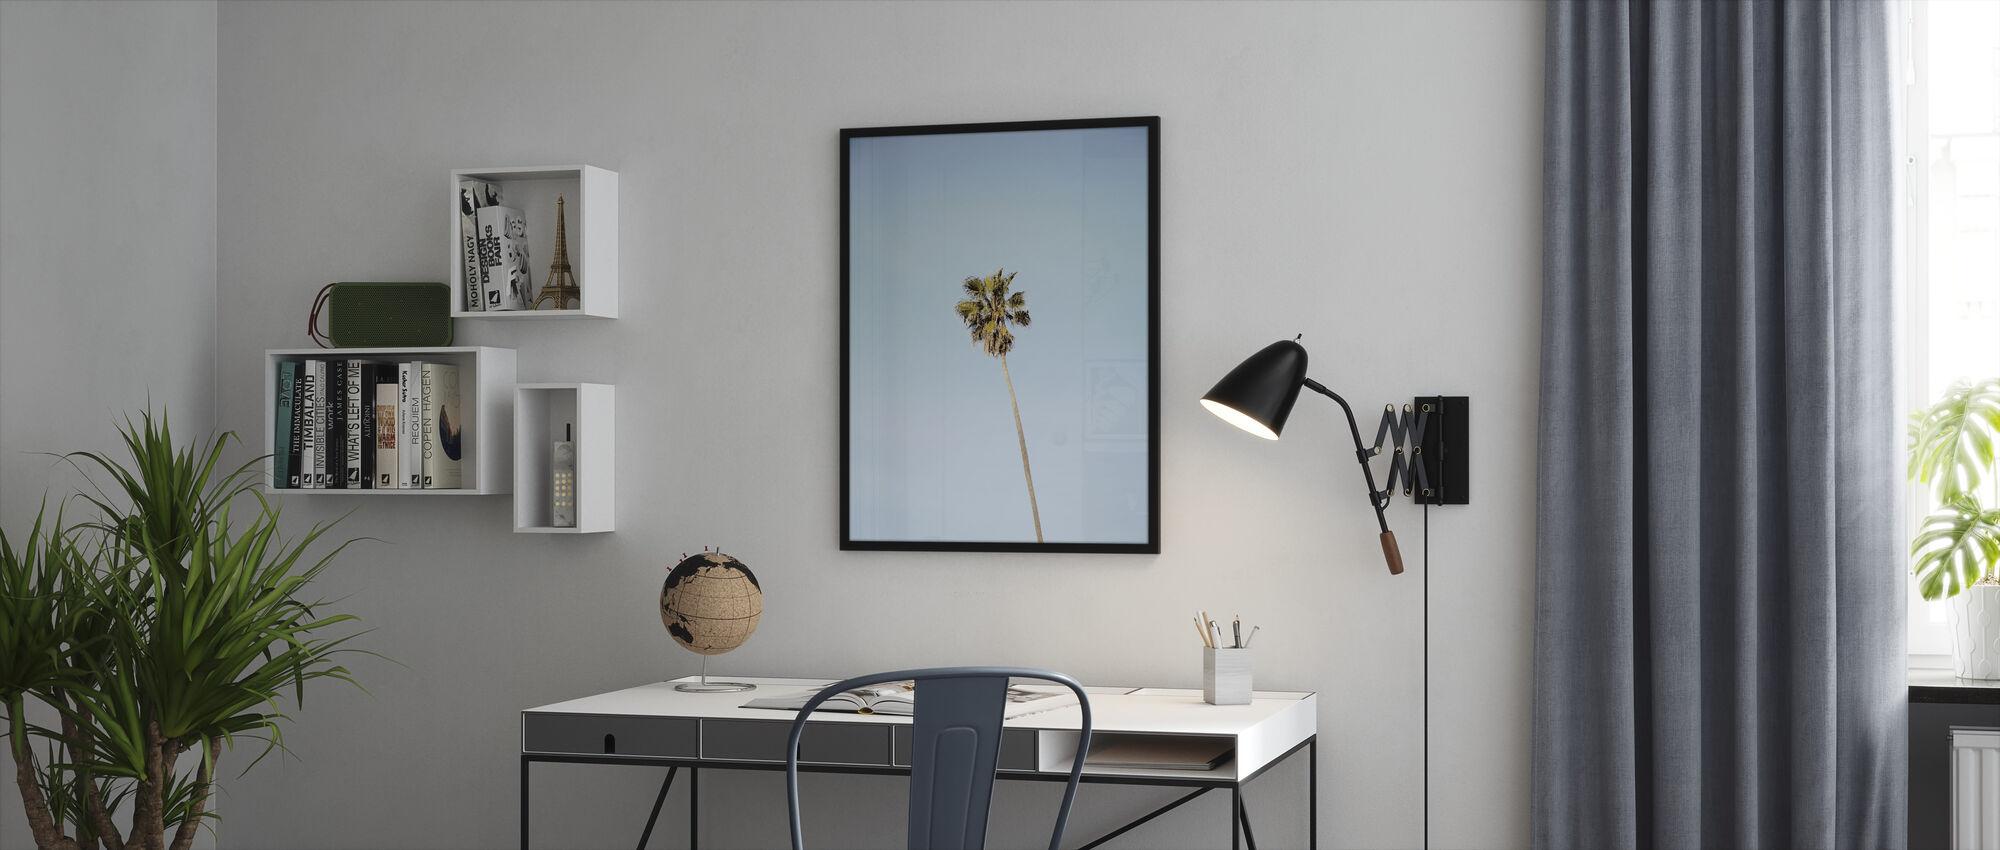 Endless Summer III - Framed print - Office